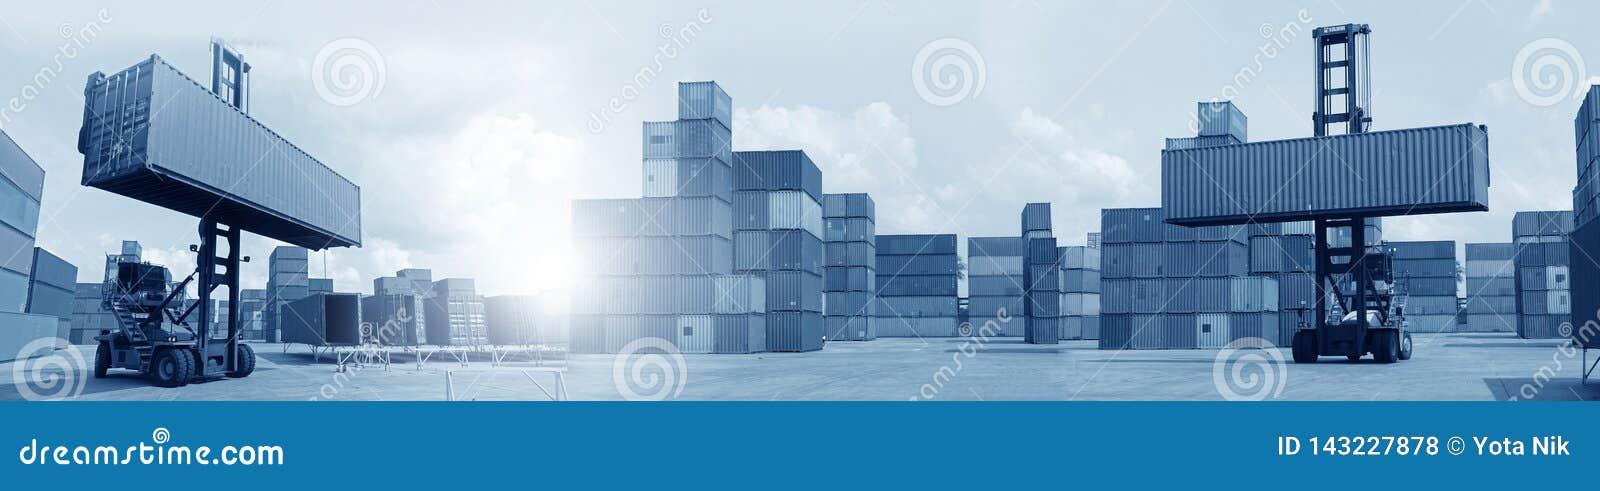 Veelvoudige blootstelling van zaken die, logistiek, overal de industrieachtergrond verschepen